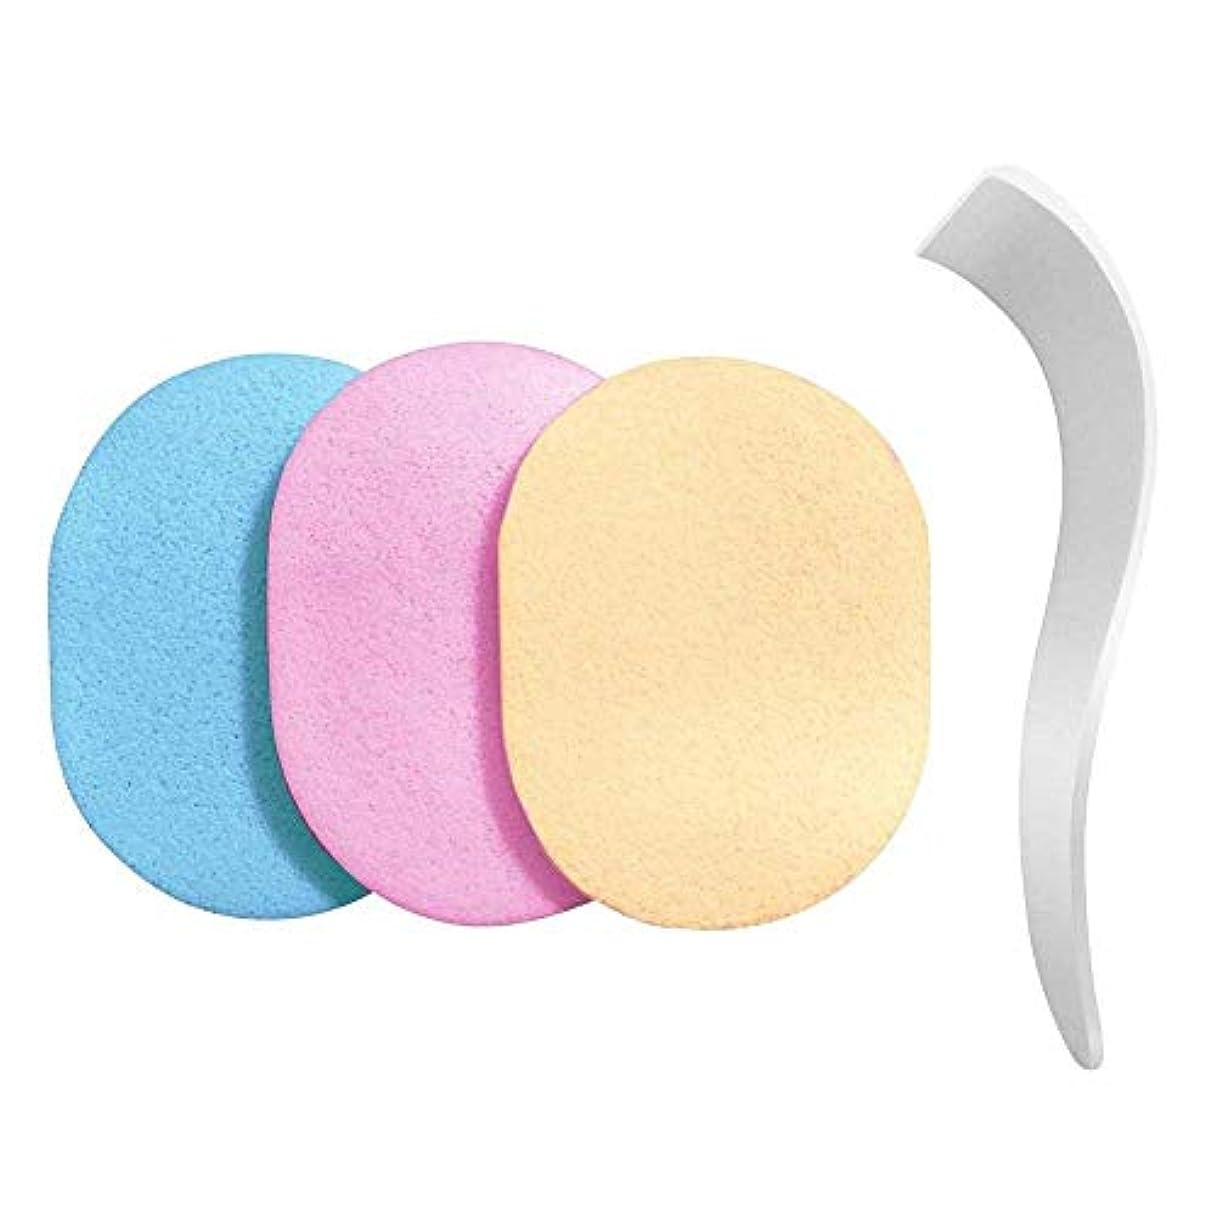 リー脚スナックFlymylion 専用ヘラ スポンジ 洗って使える 3色セット 除毛クリーム専用 メンズ レディース【除毛用】